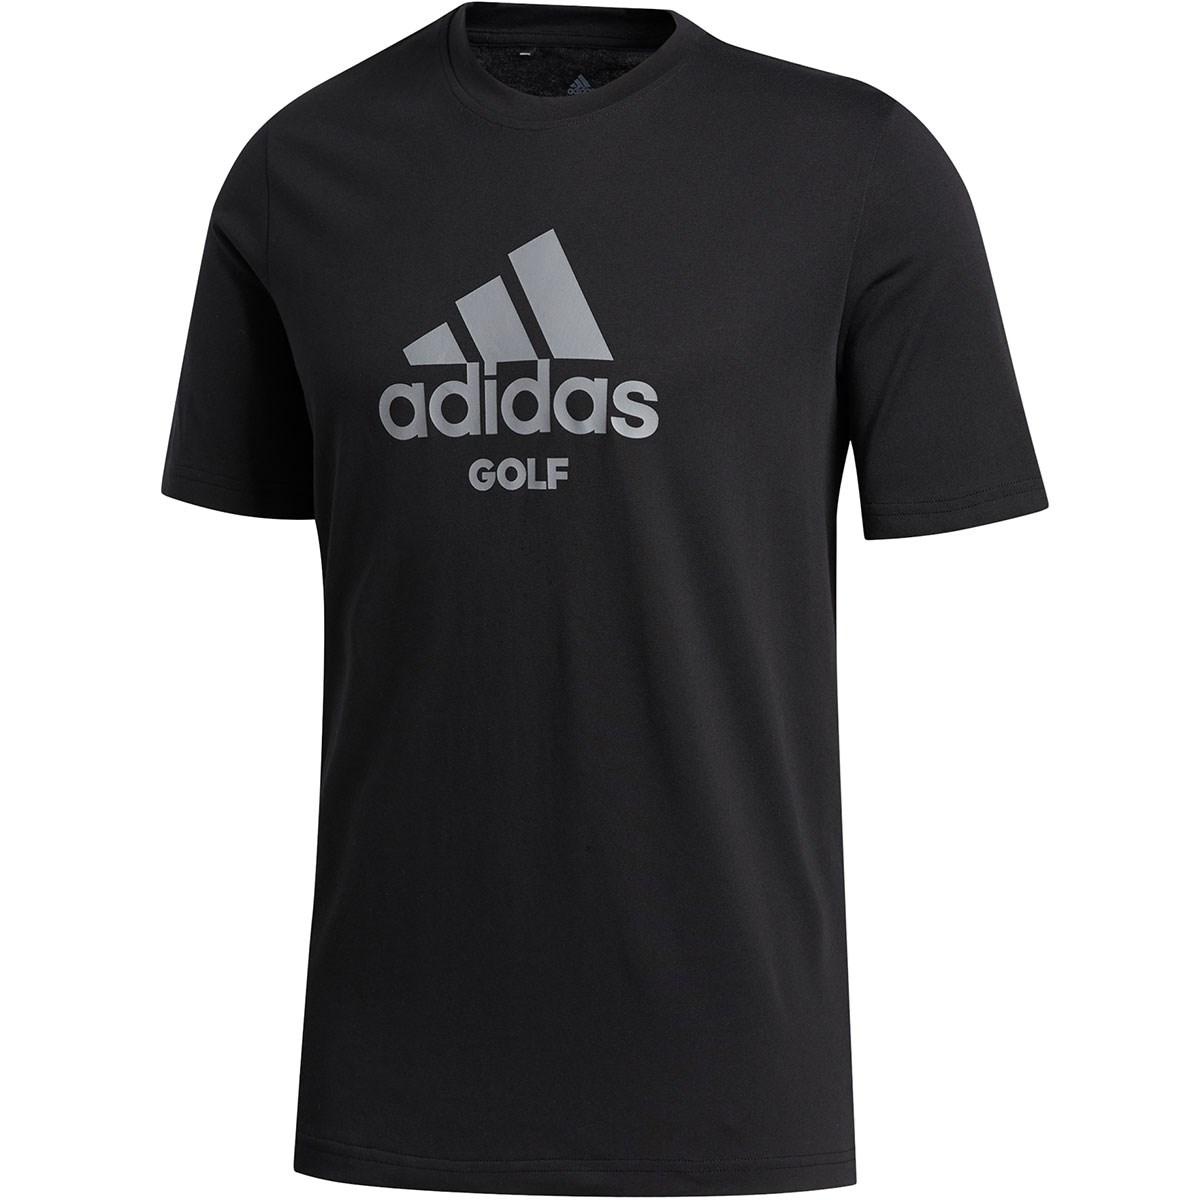 アディダス Adidas 半袖Tシャツ S ブラック